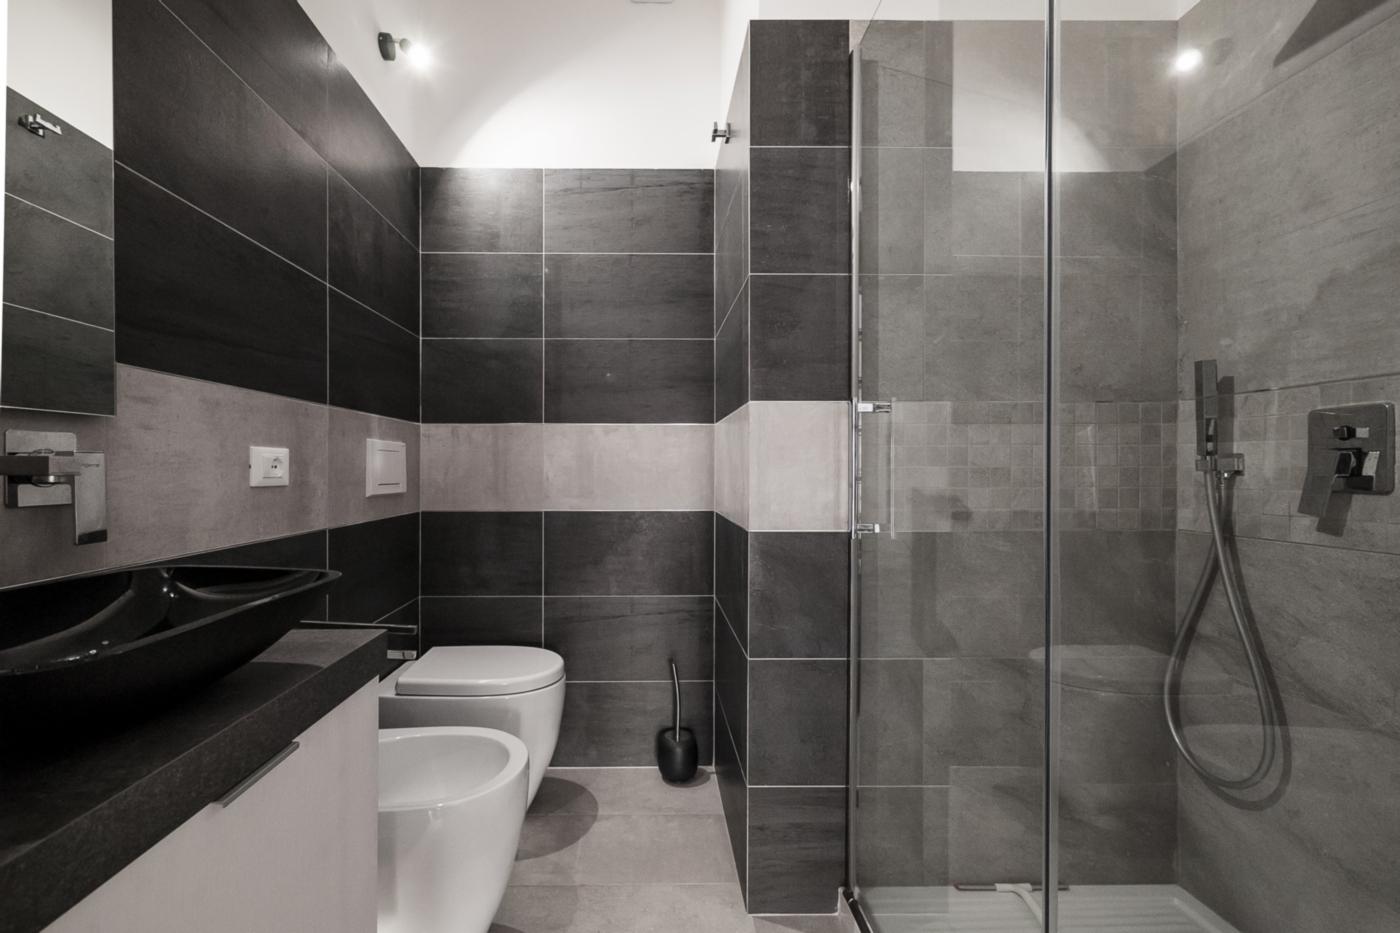 Una ristrutturazione che moltiplica gli spazi in un'appartamento degli anni '70. Il bagno della camera, con forti contrasti in bicromia | Bottega di Architettura